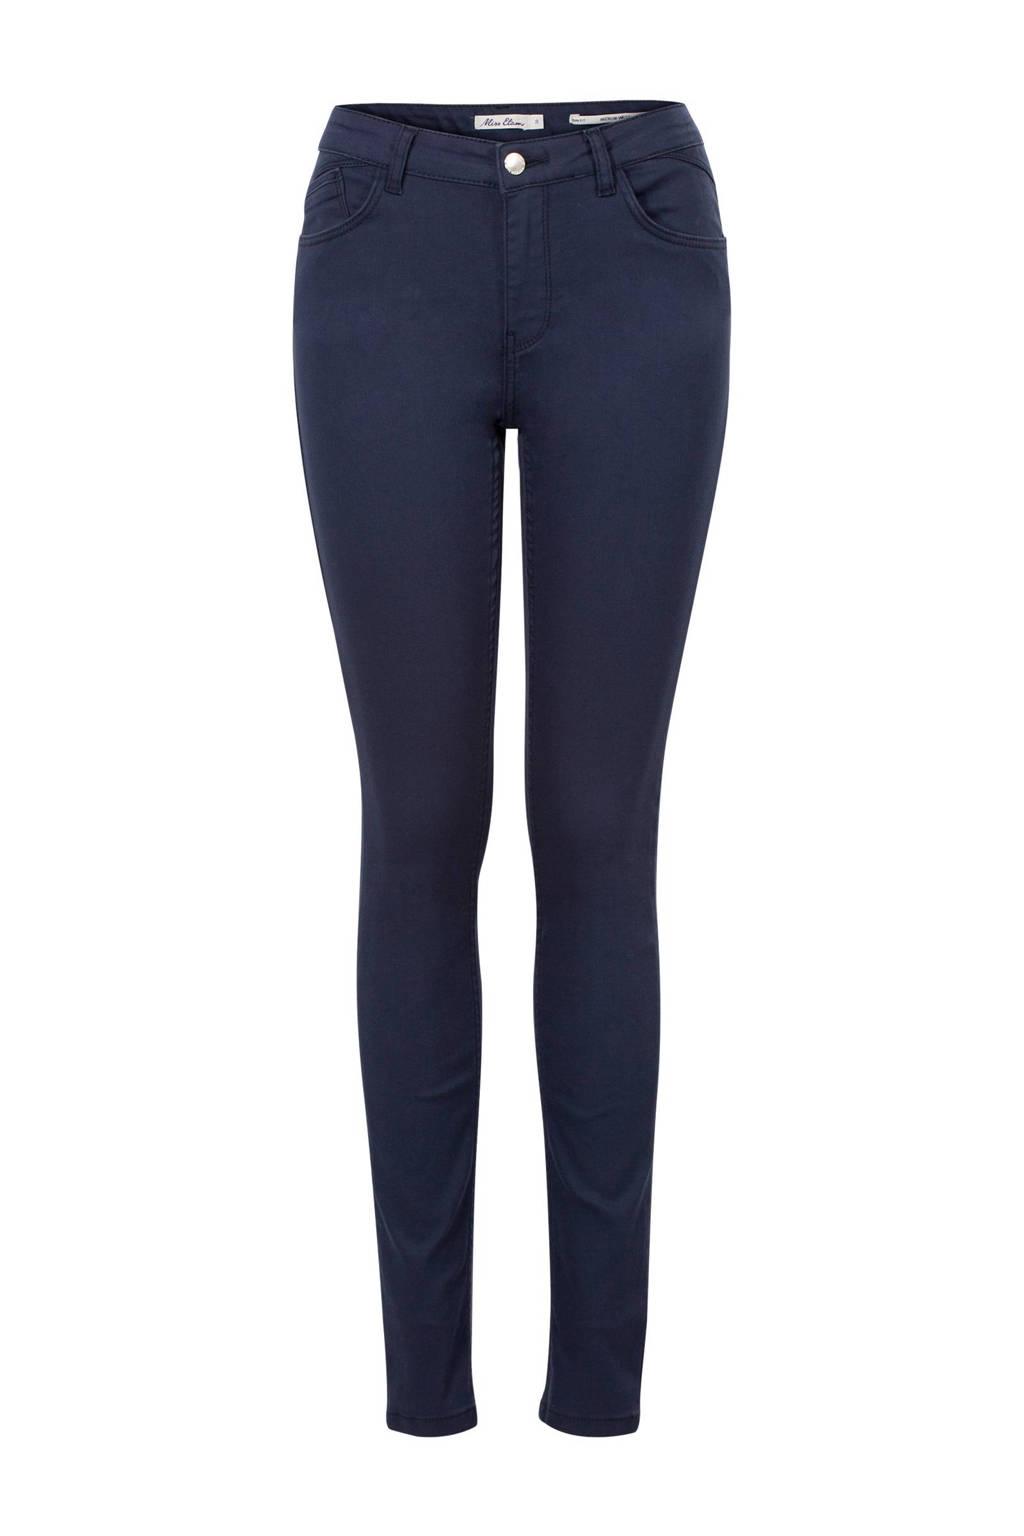 Miss Etam Lang slim fit broek Elisa 36 inch, Marine